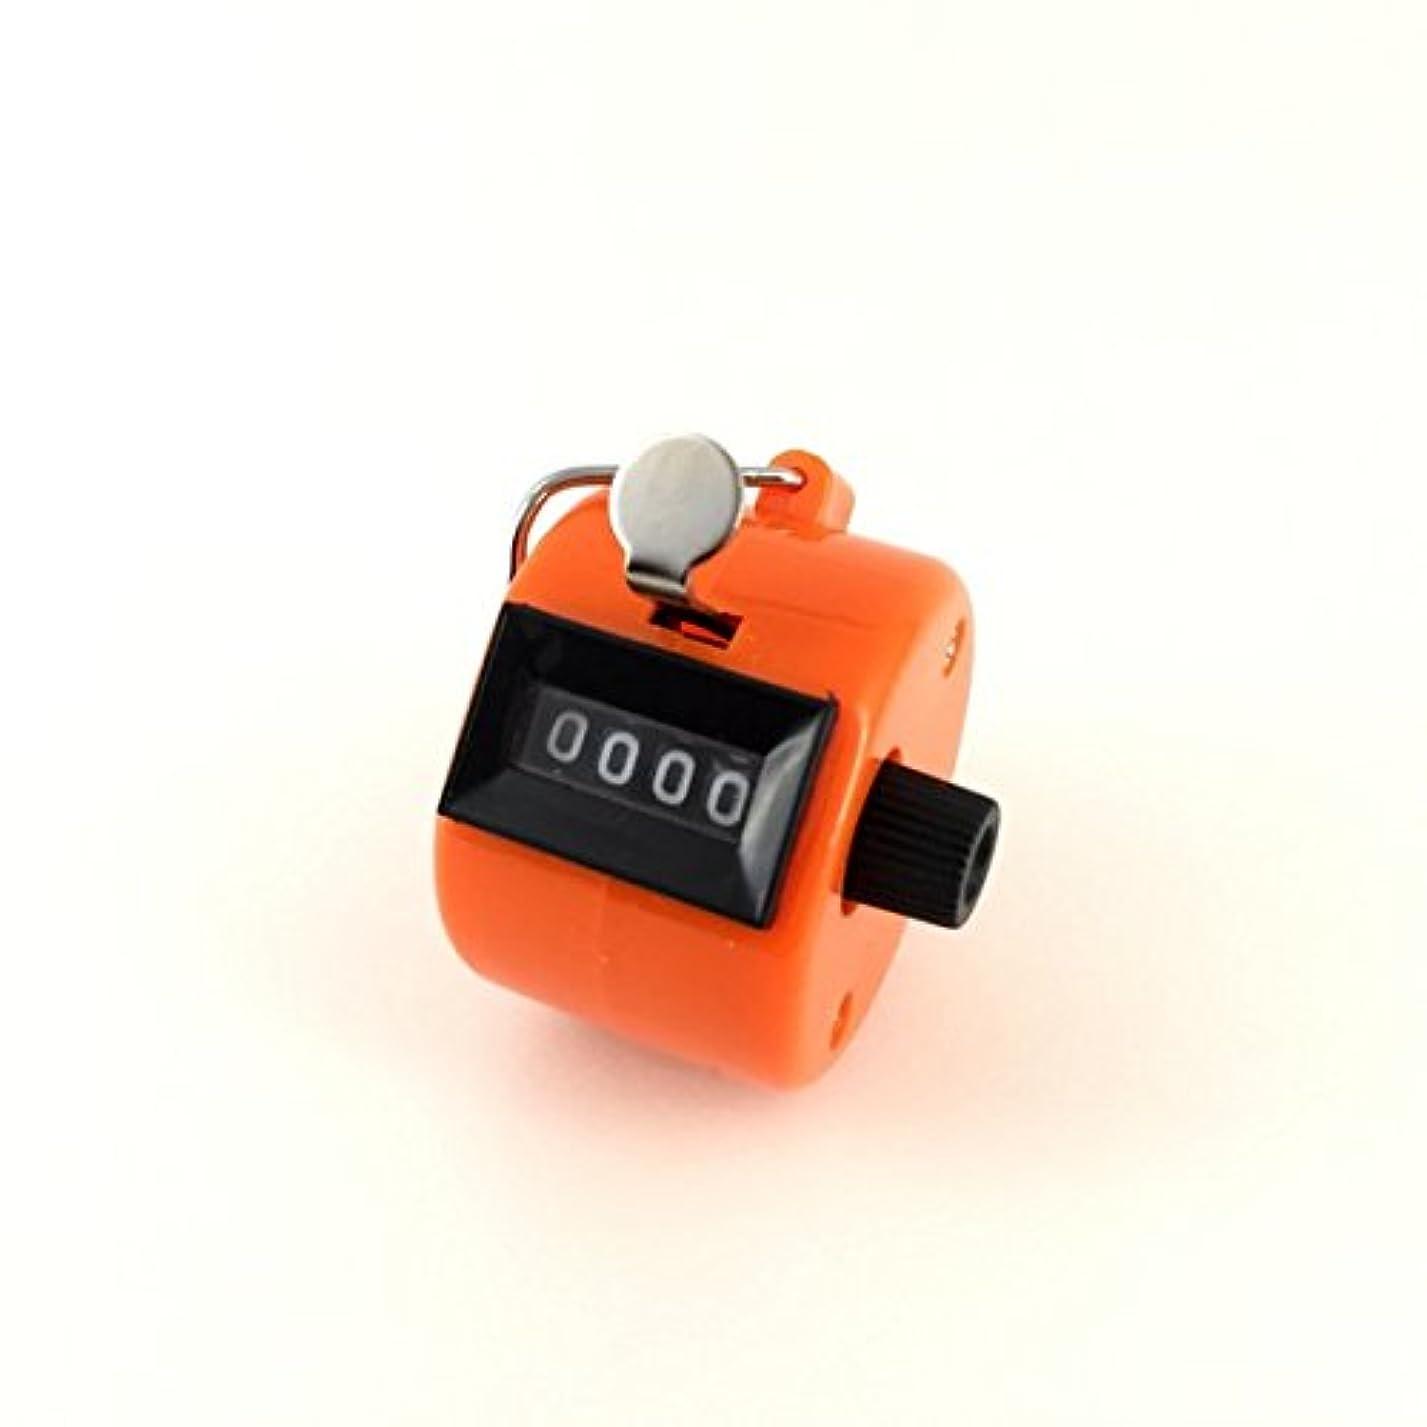 瞳今までセールエクステカウンター 手持ちホルダー付き 数取器 まつげエクステ用品 カラー4色 (オレンジ)